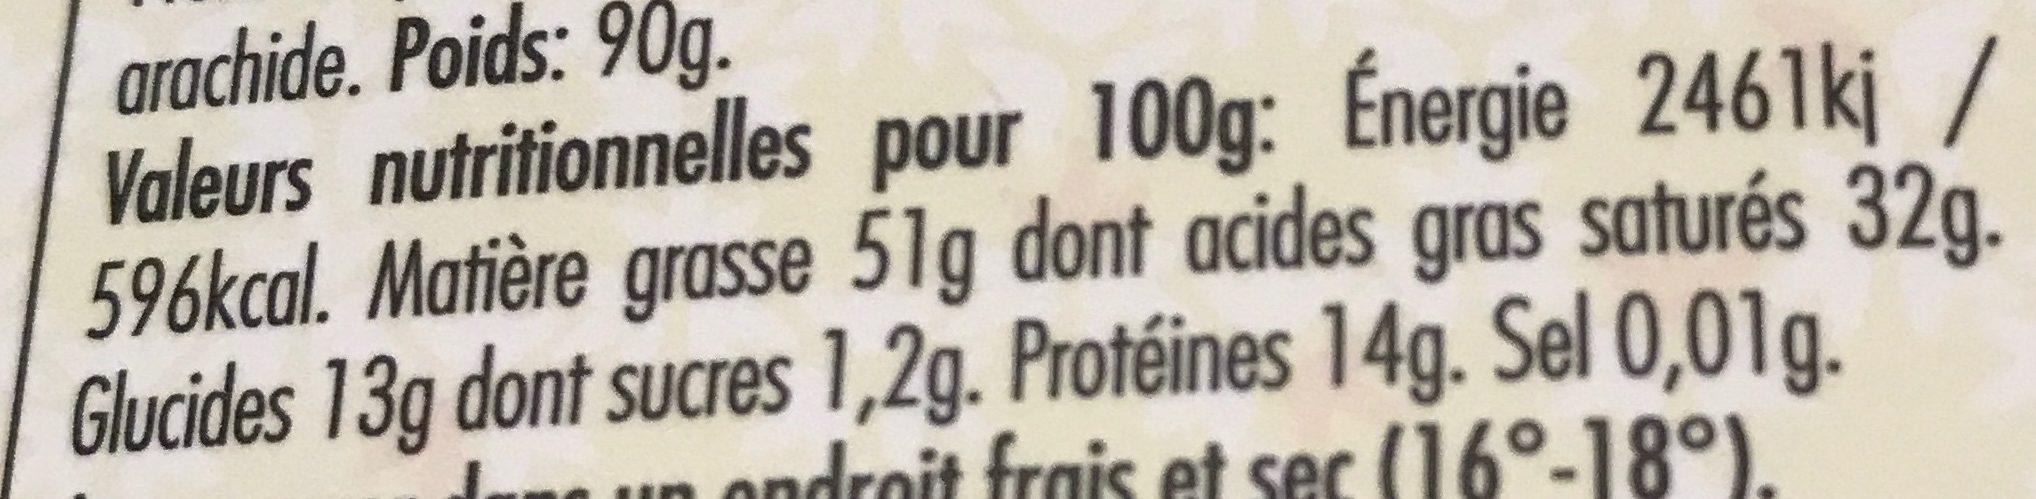 Vénézuela pur noir 100% - Nutrition facts